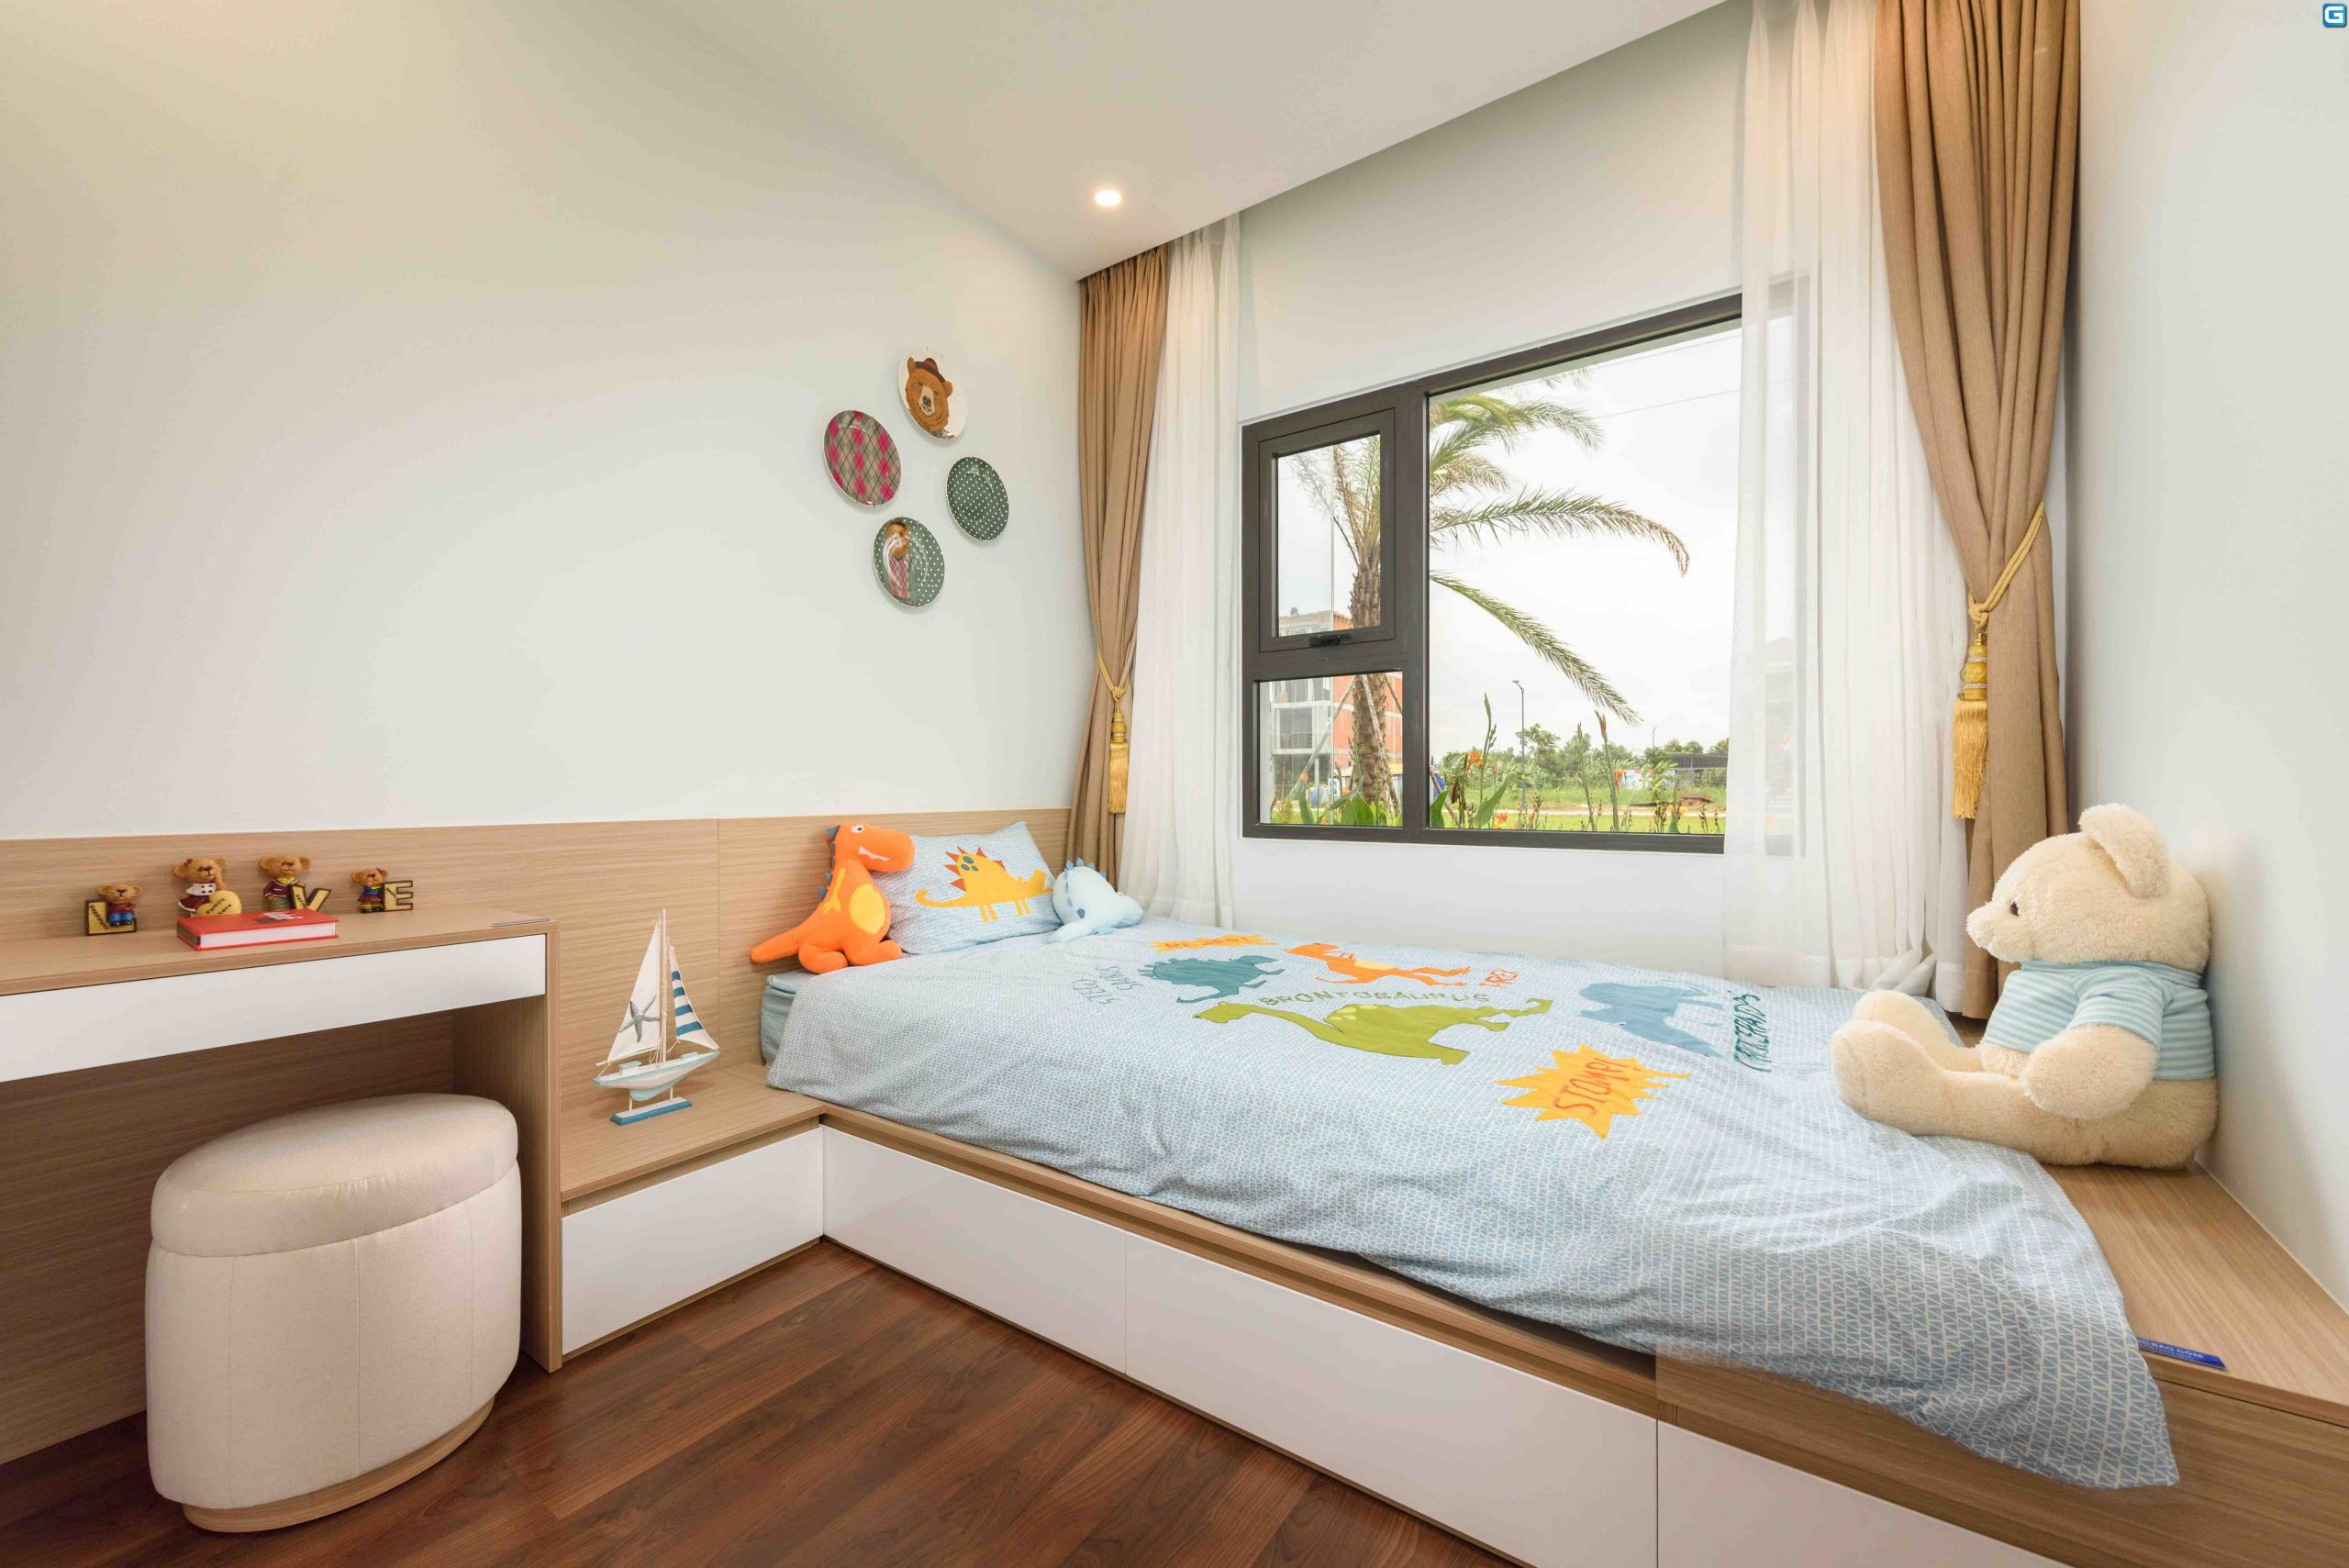 dự án căn hộ chung cư Lovera Vista Khang Điền Bình Chánh